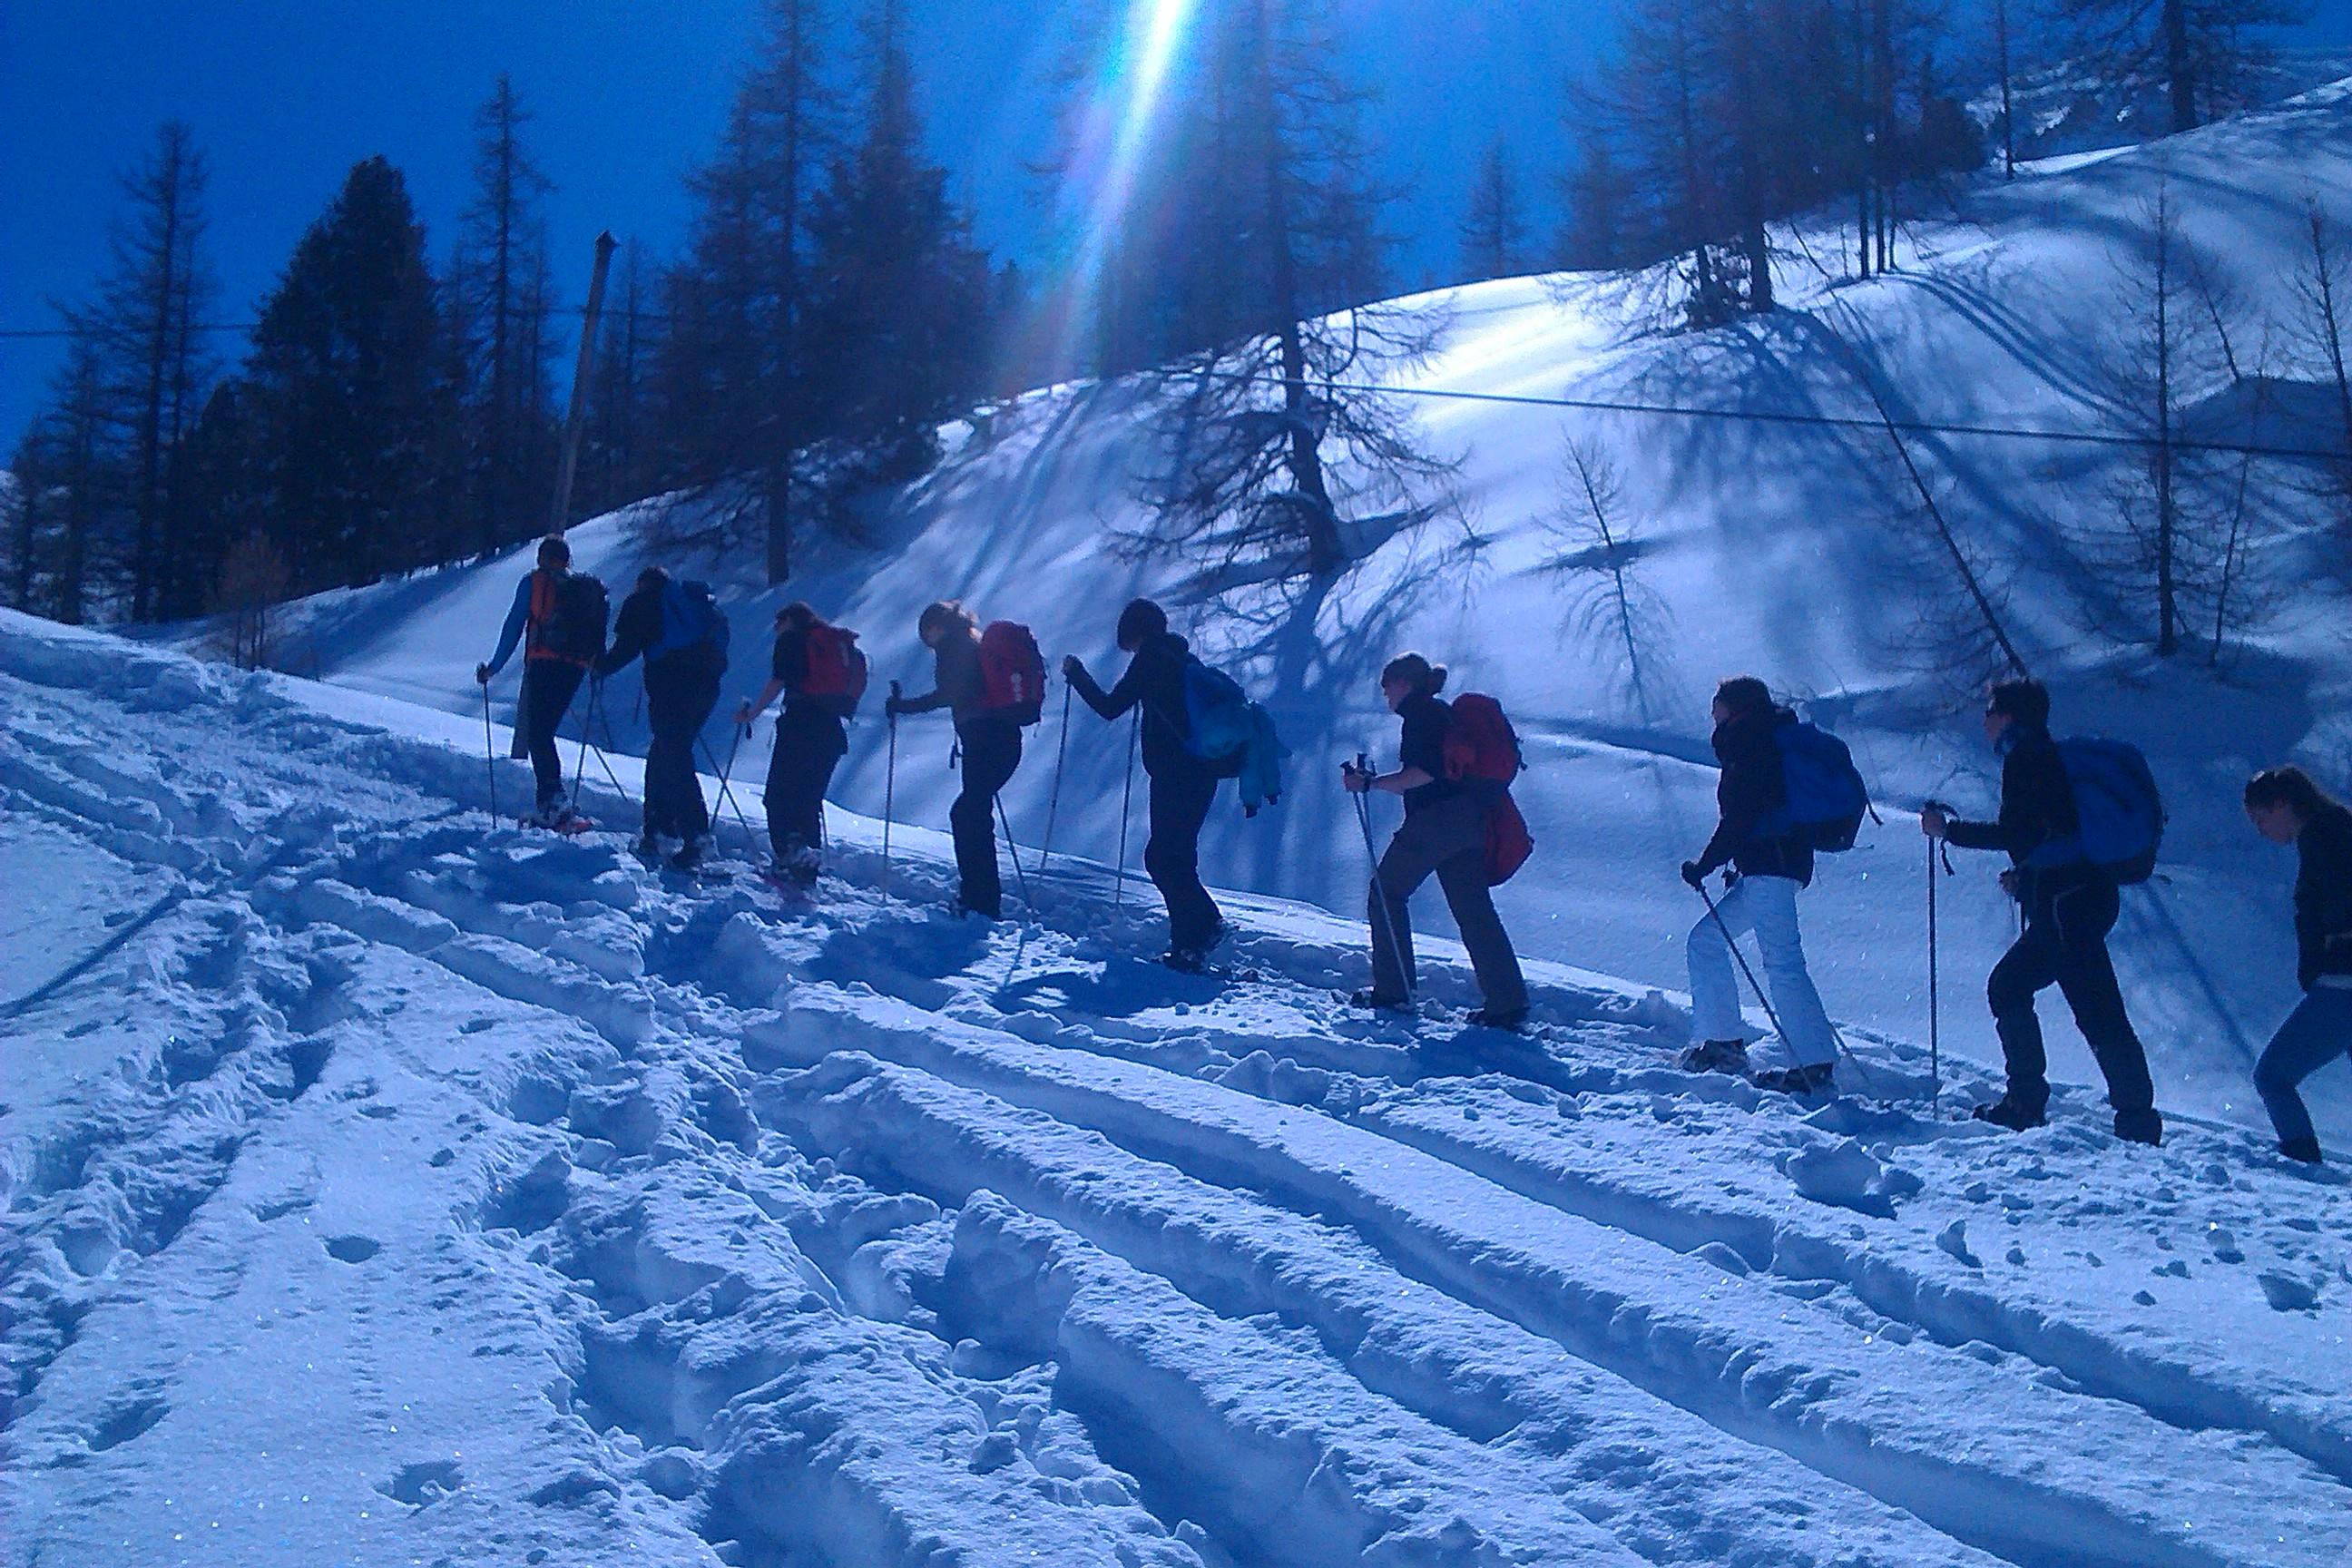 Randonnée hivernale 2 - Chemins et découverte